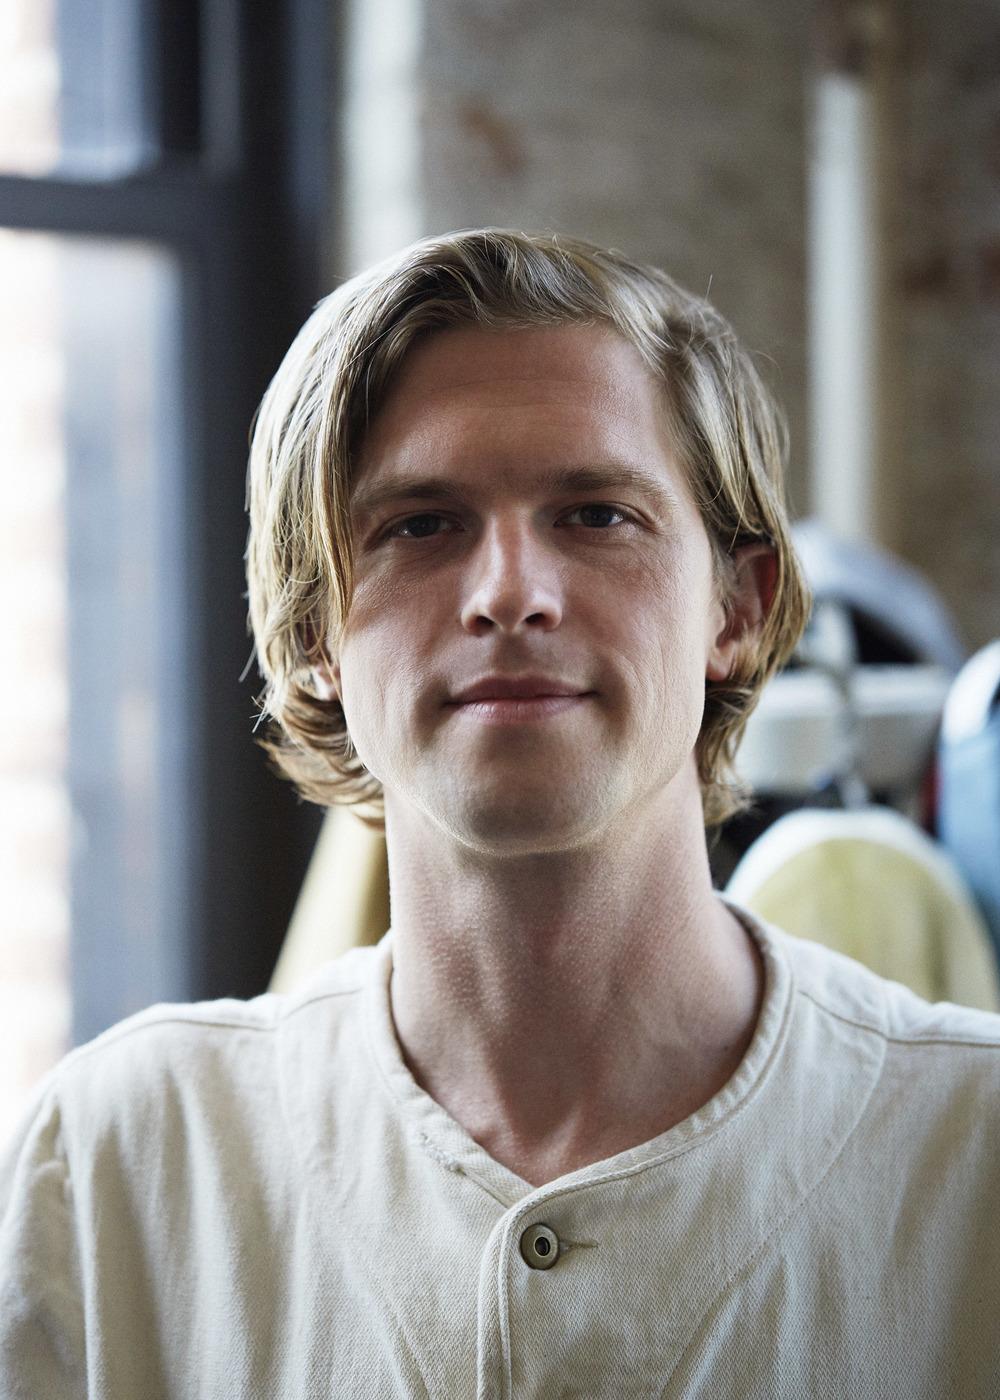 Kyle Mosholder